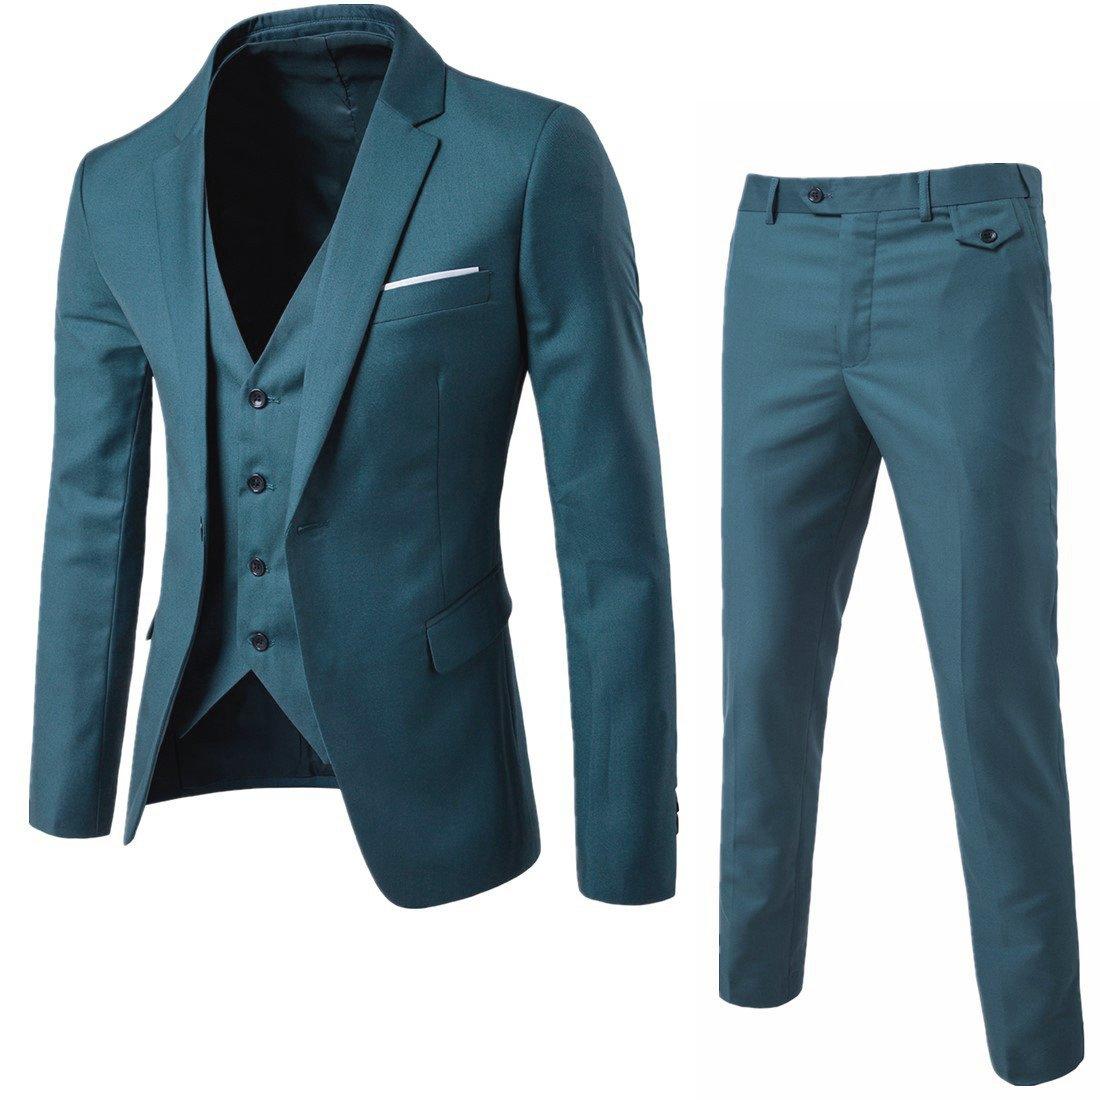 MAGE MALE Men's 3 Pieces Suit Elegant Solid One Button Slim Fit Single Breasted Party Blazer Vest Pants Set Aquamarine XXX-Large